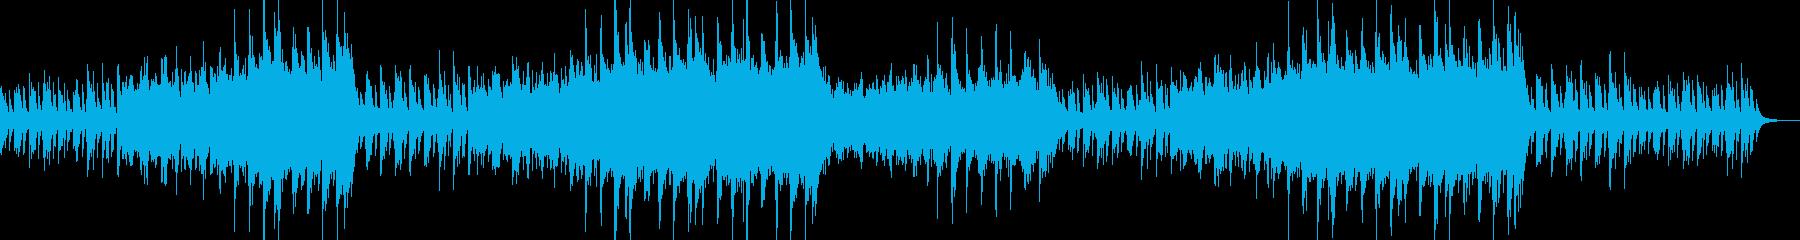 美しいメロディーのバラードBGMの再生済みの波形